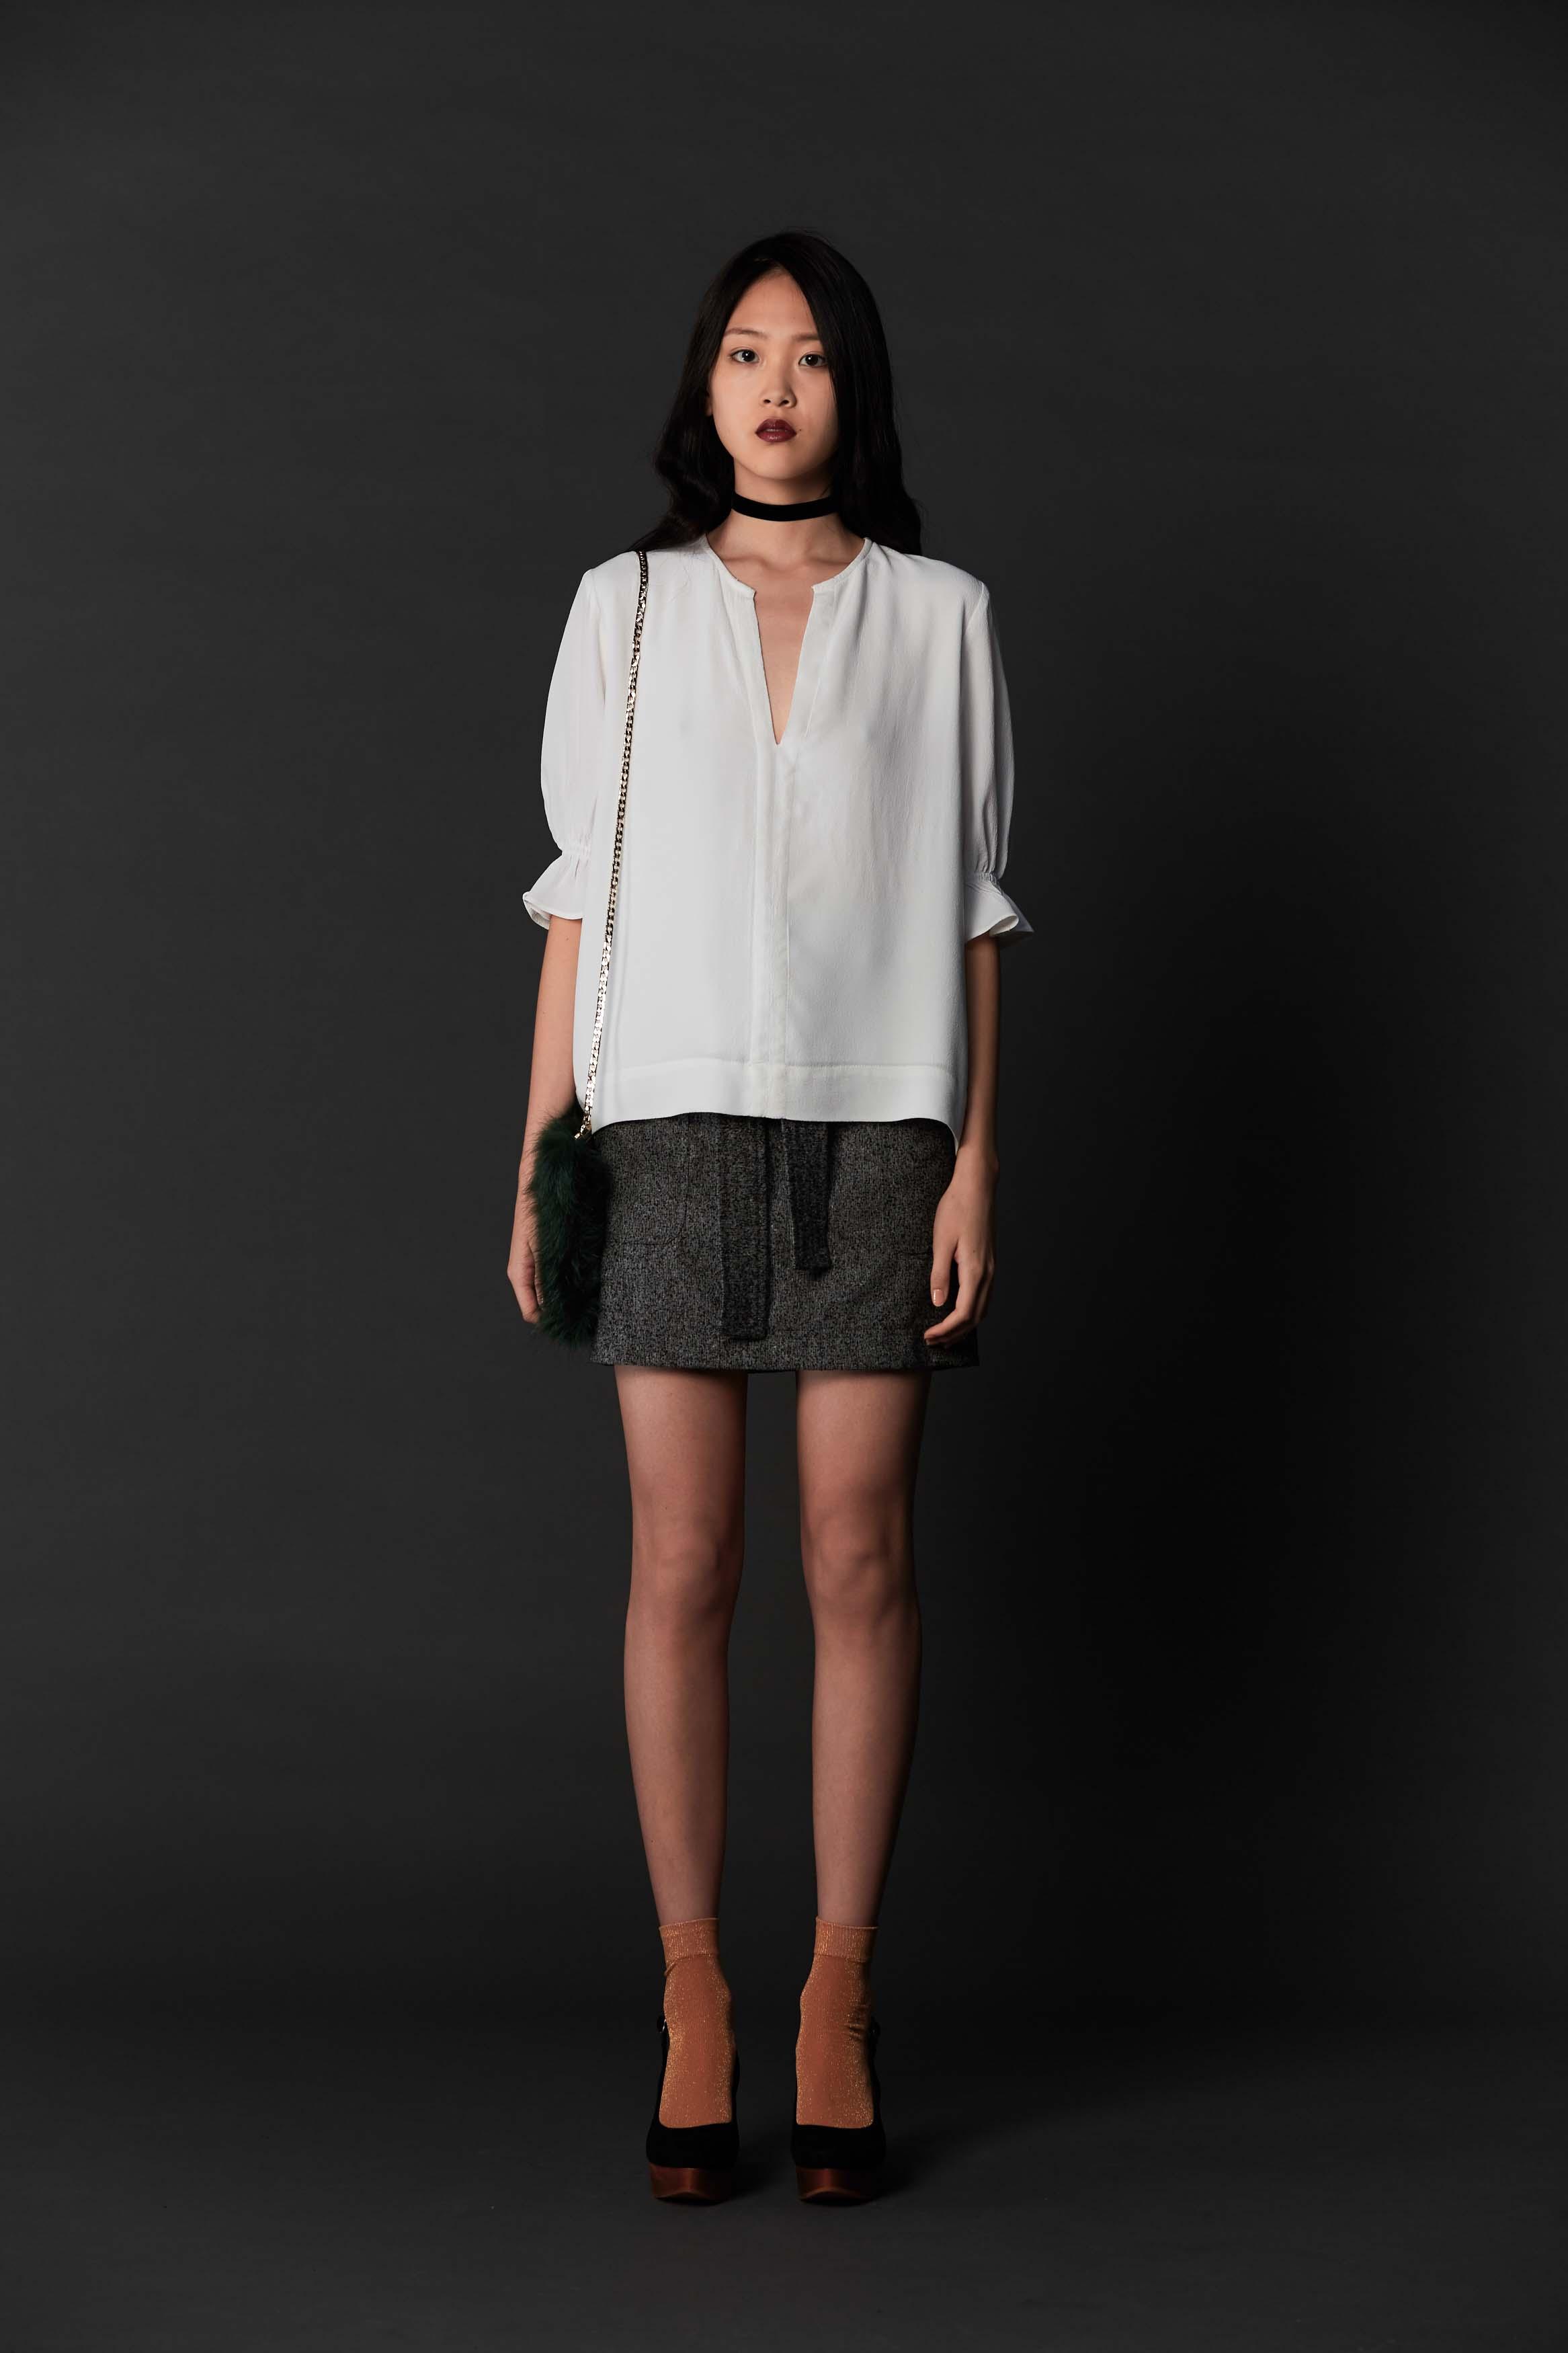 RUBY Iva Blouse, Zora Miniskirt & Halo Heel